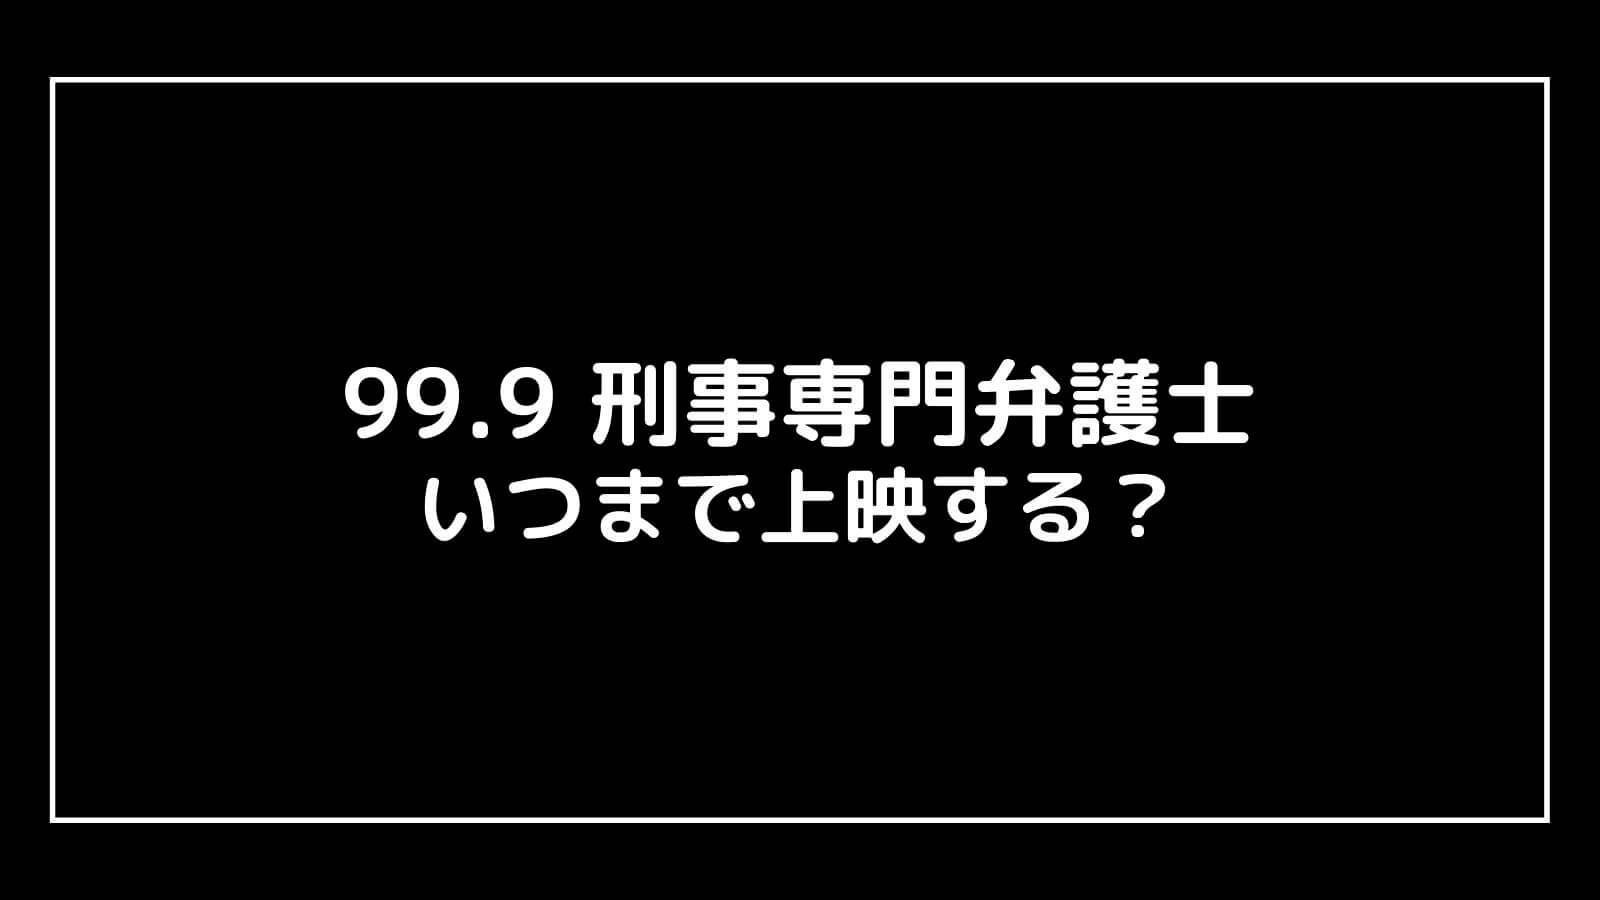 映画『99.9 刑事専門弁護士』はいつまで上映するのか元映画館社員が予想!